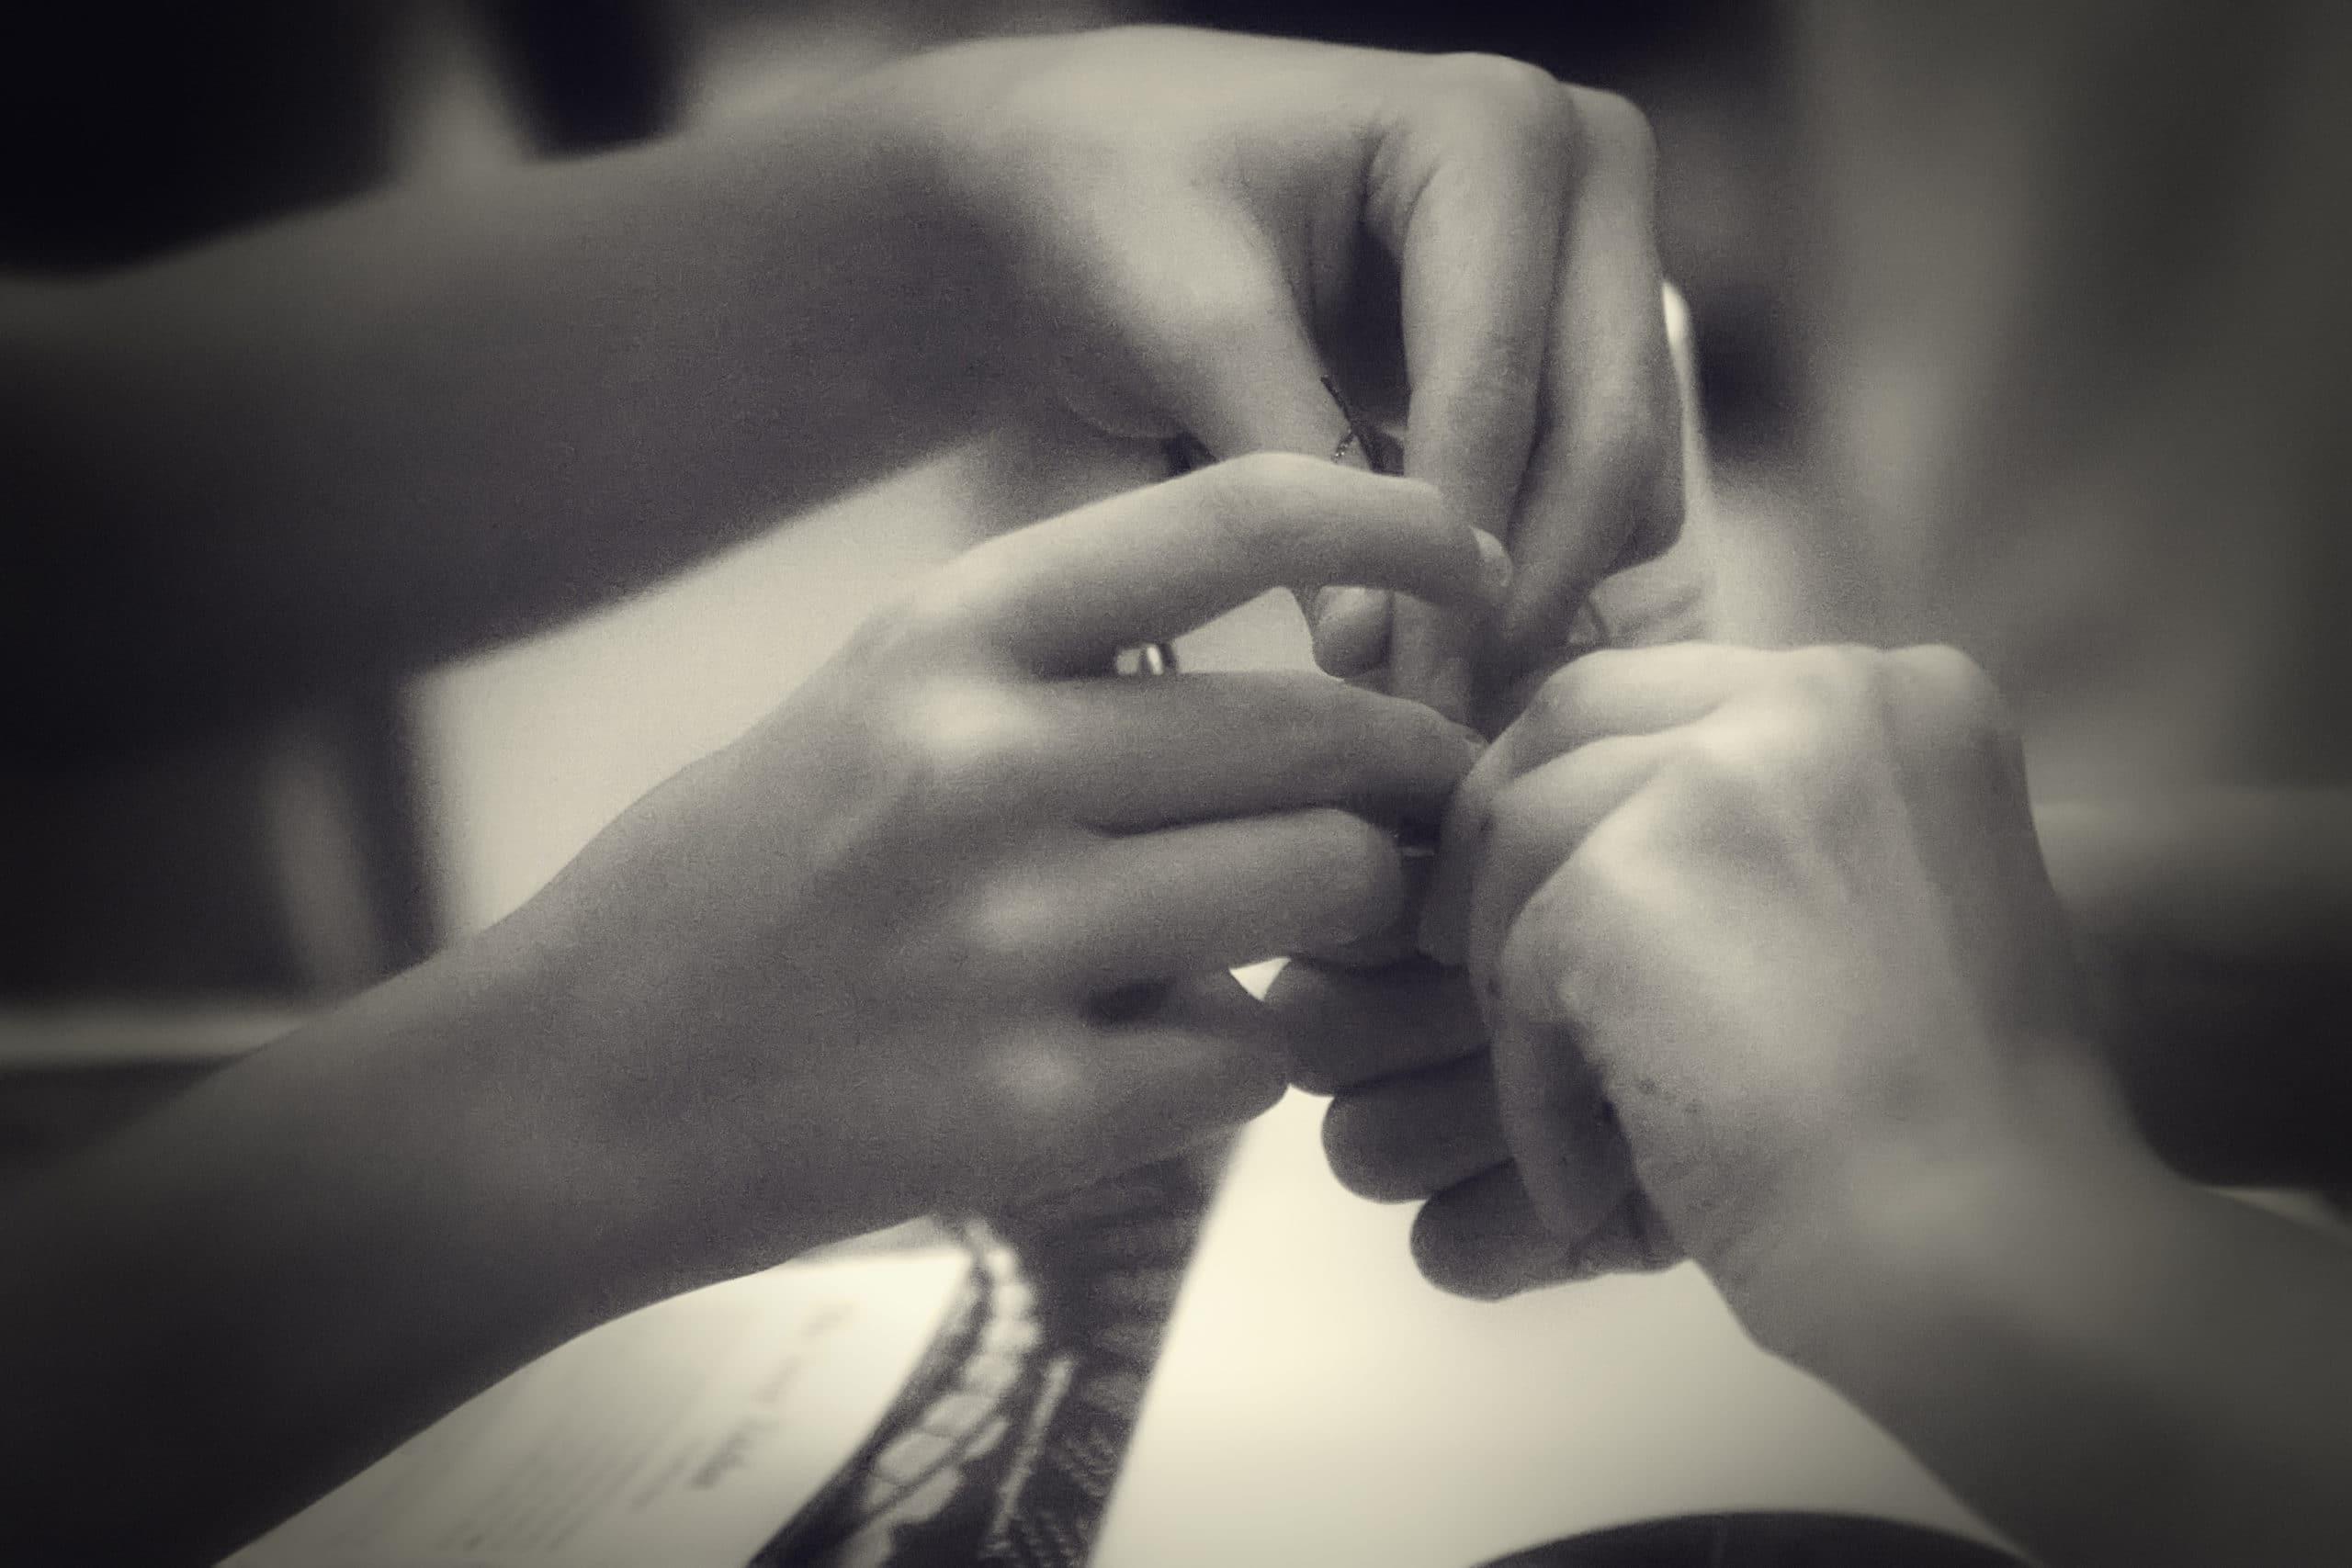 Paire de mains au travail